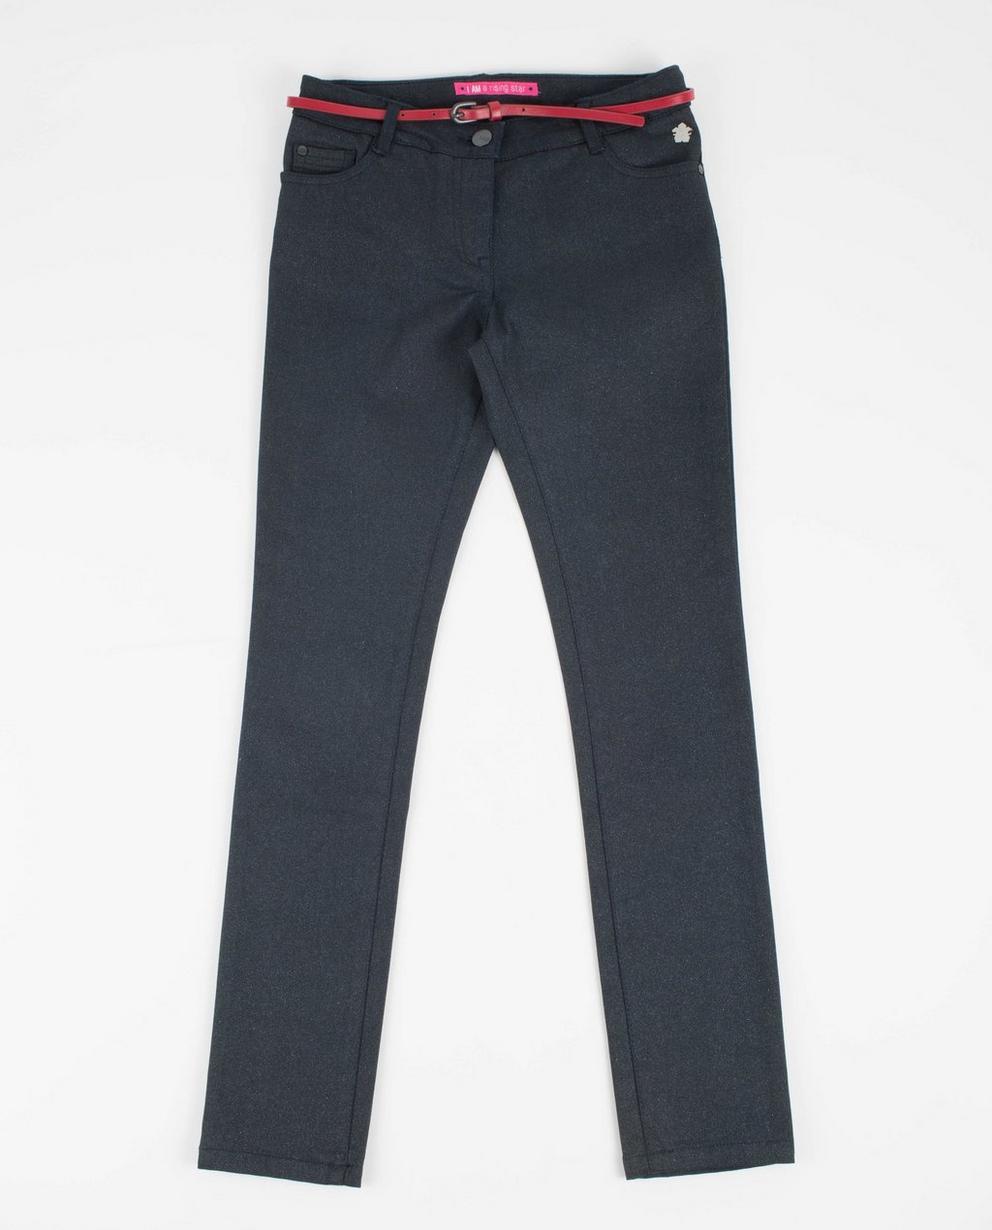 Jeans mit Glitzerprint - Slim fit, I AM - I AM